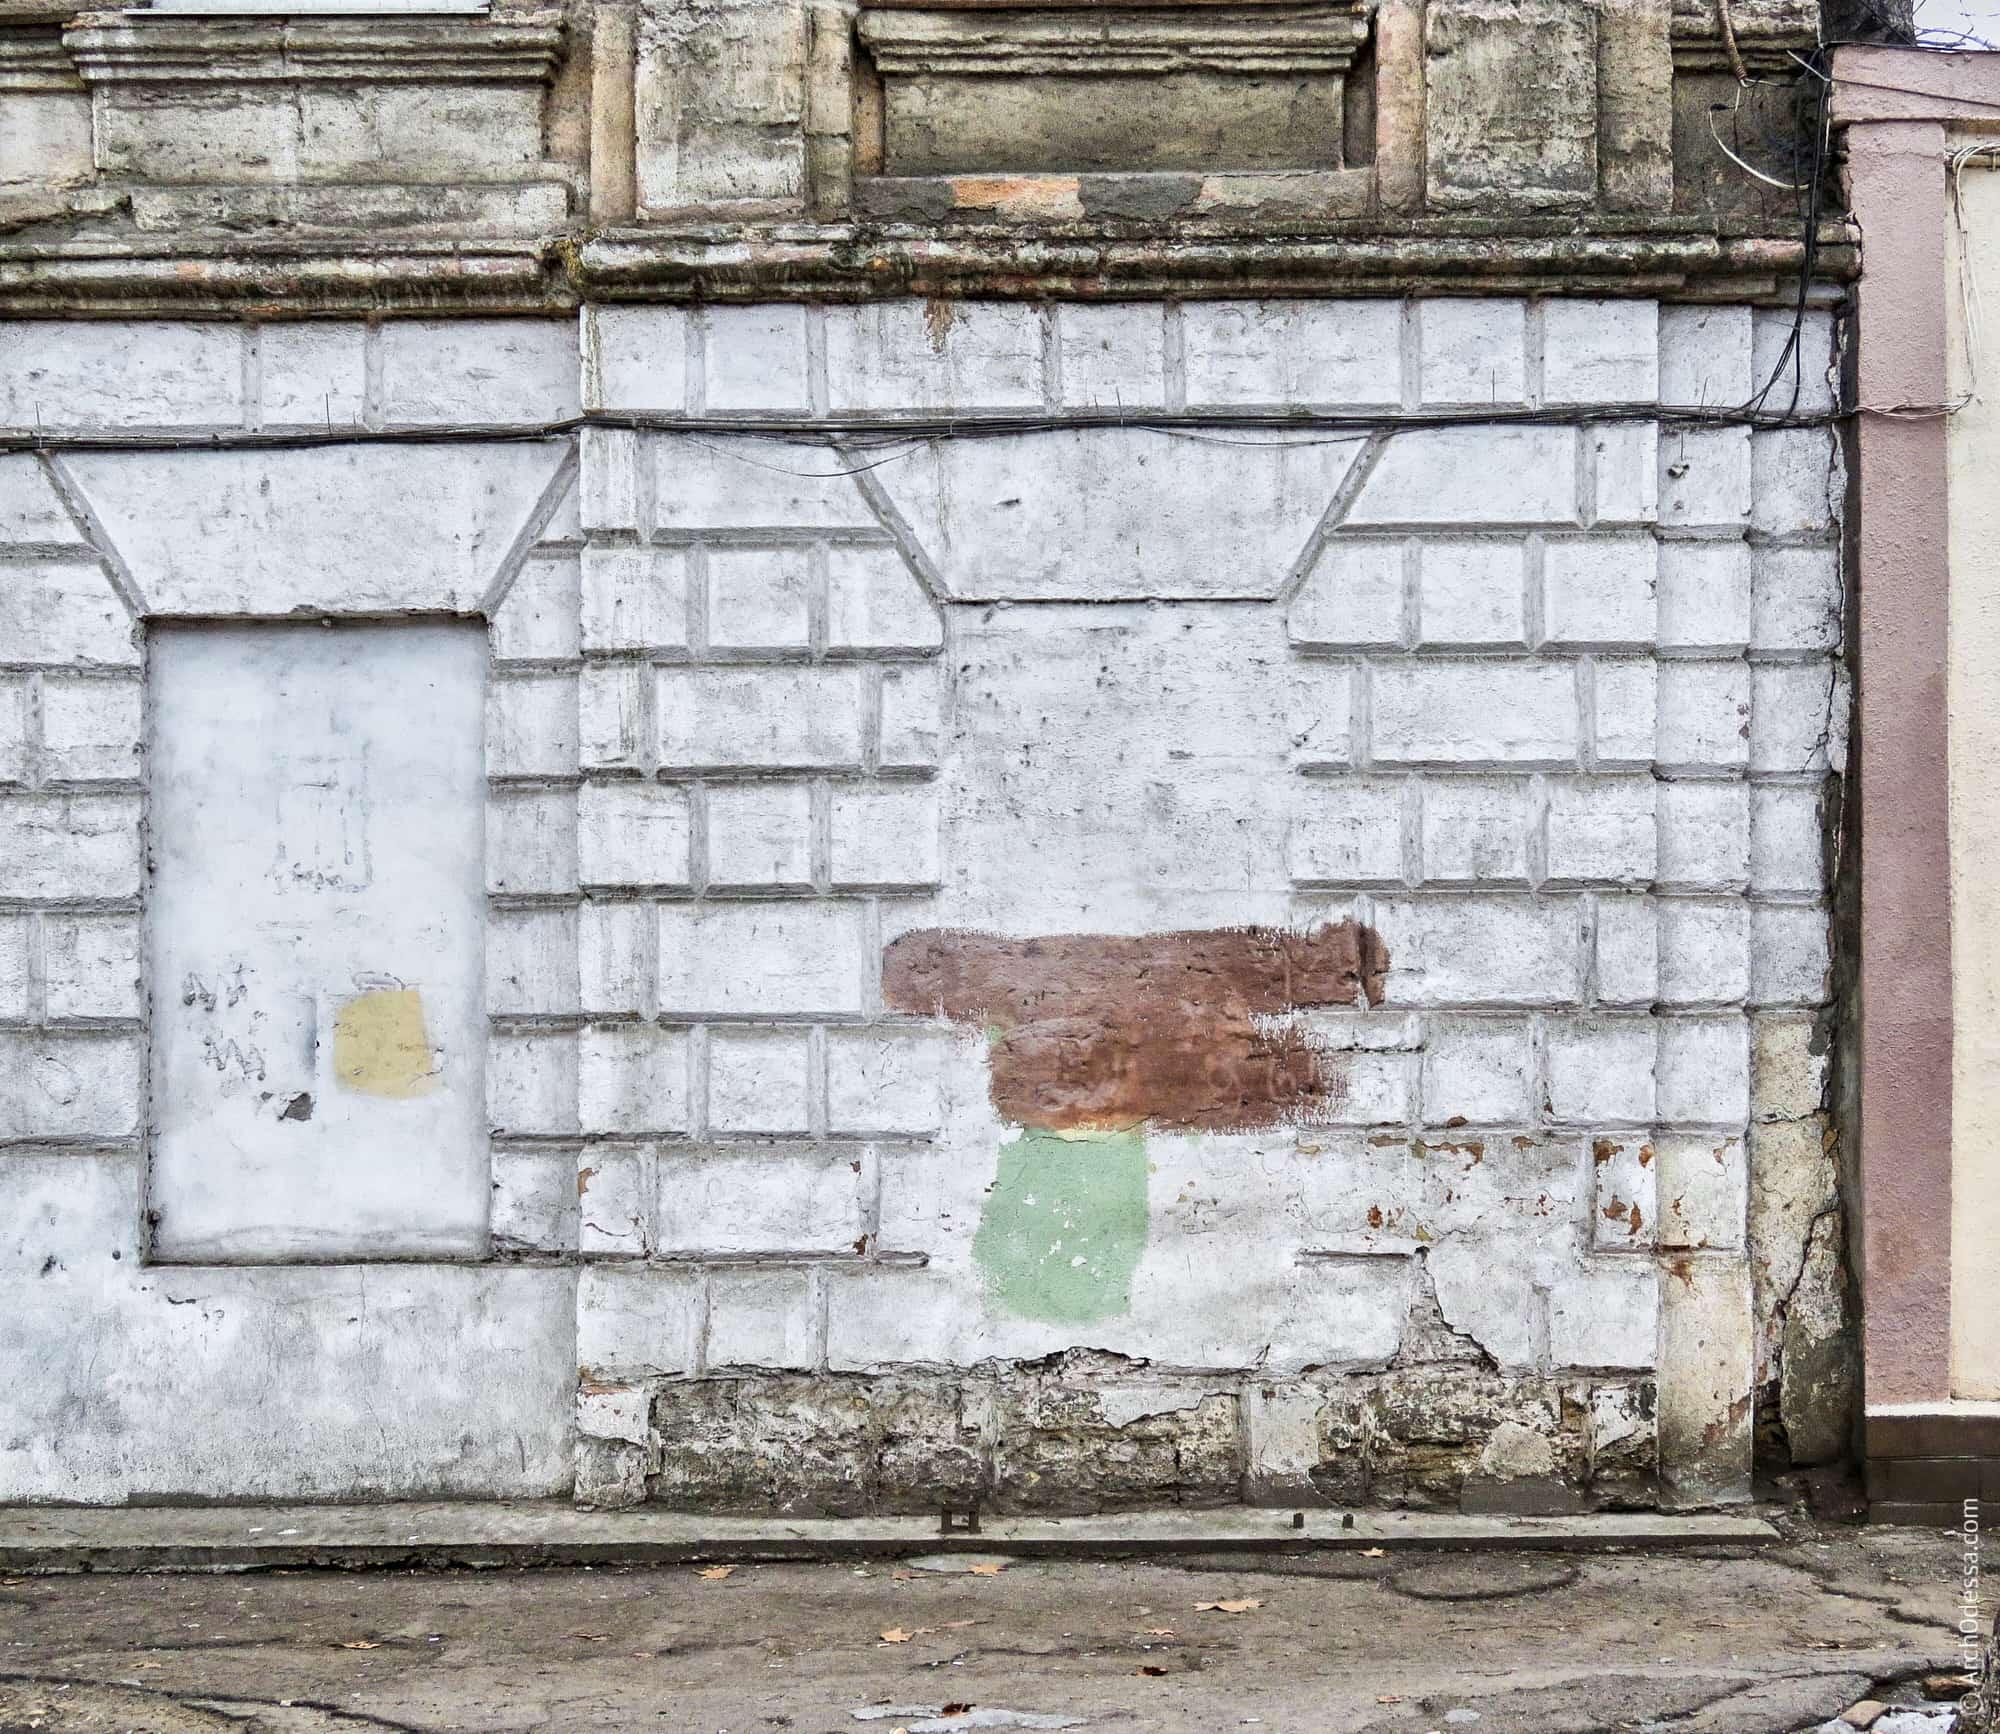 Заложенные окна (или фальш-окна) двух крайних правых осей с сохранными сандриками и рустом простенков